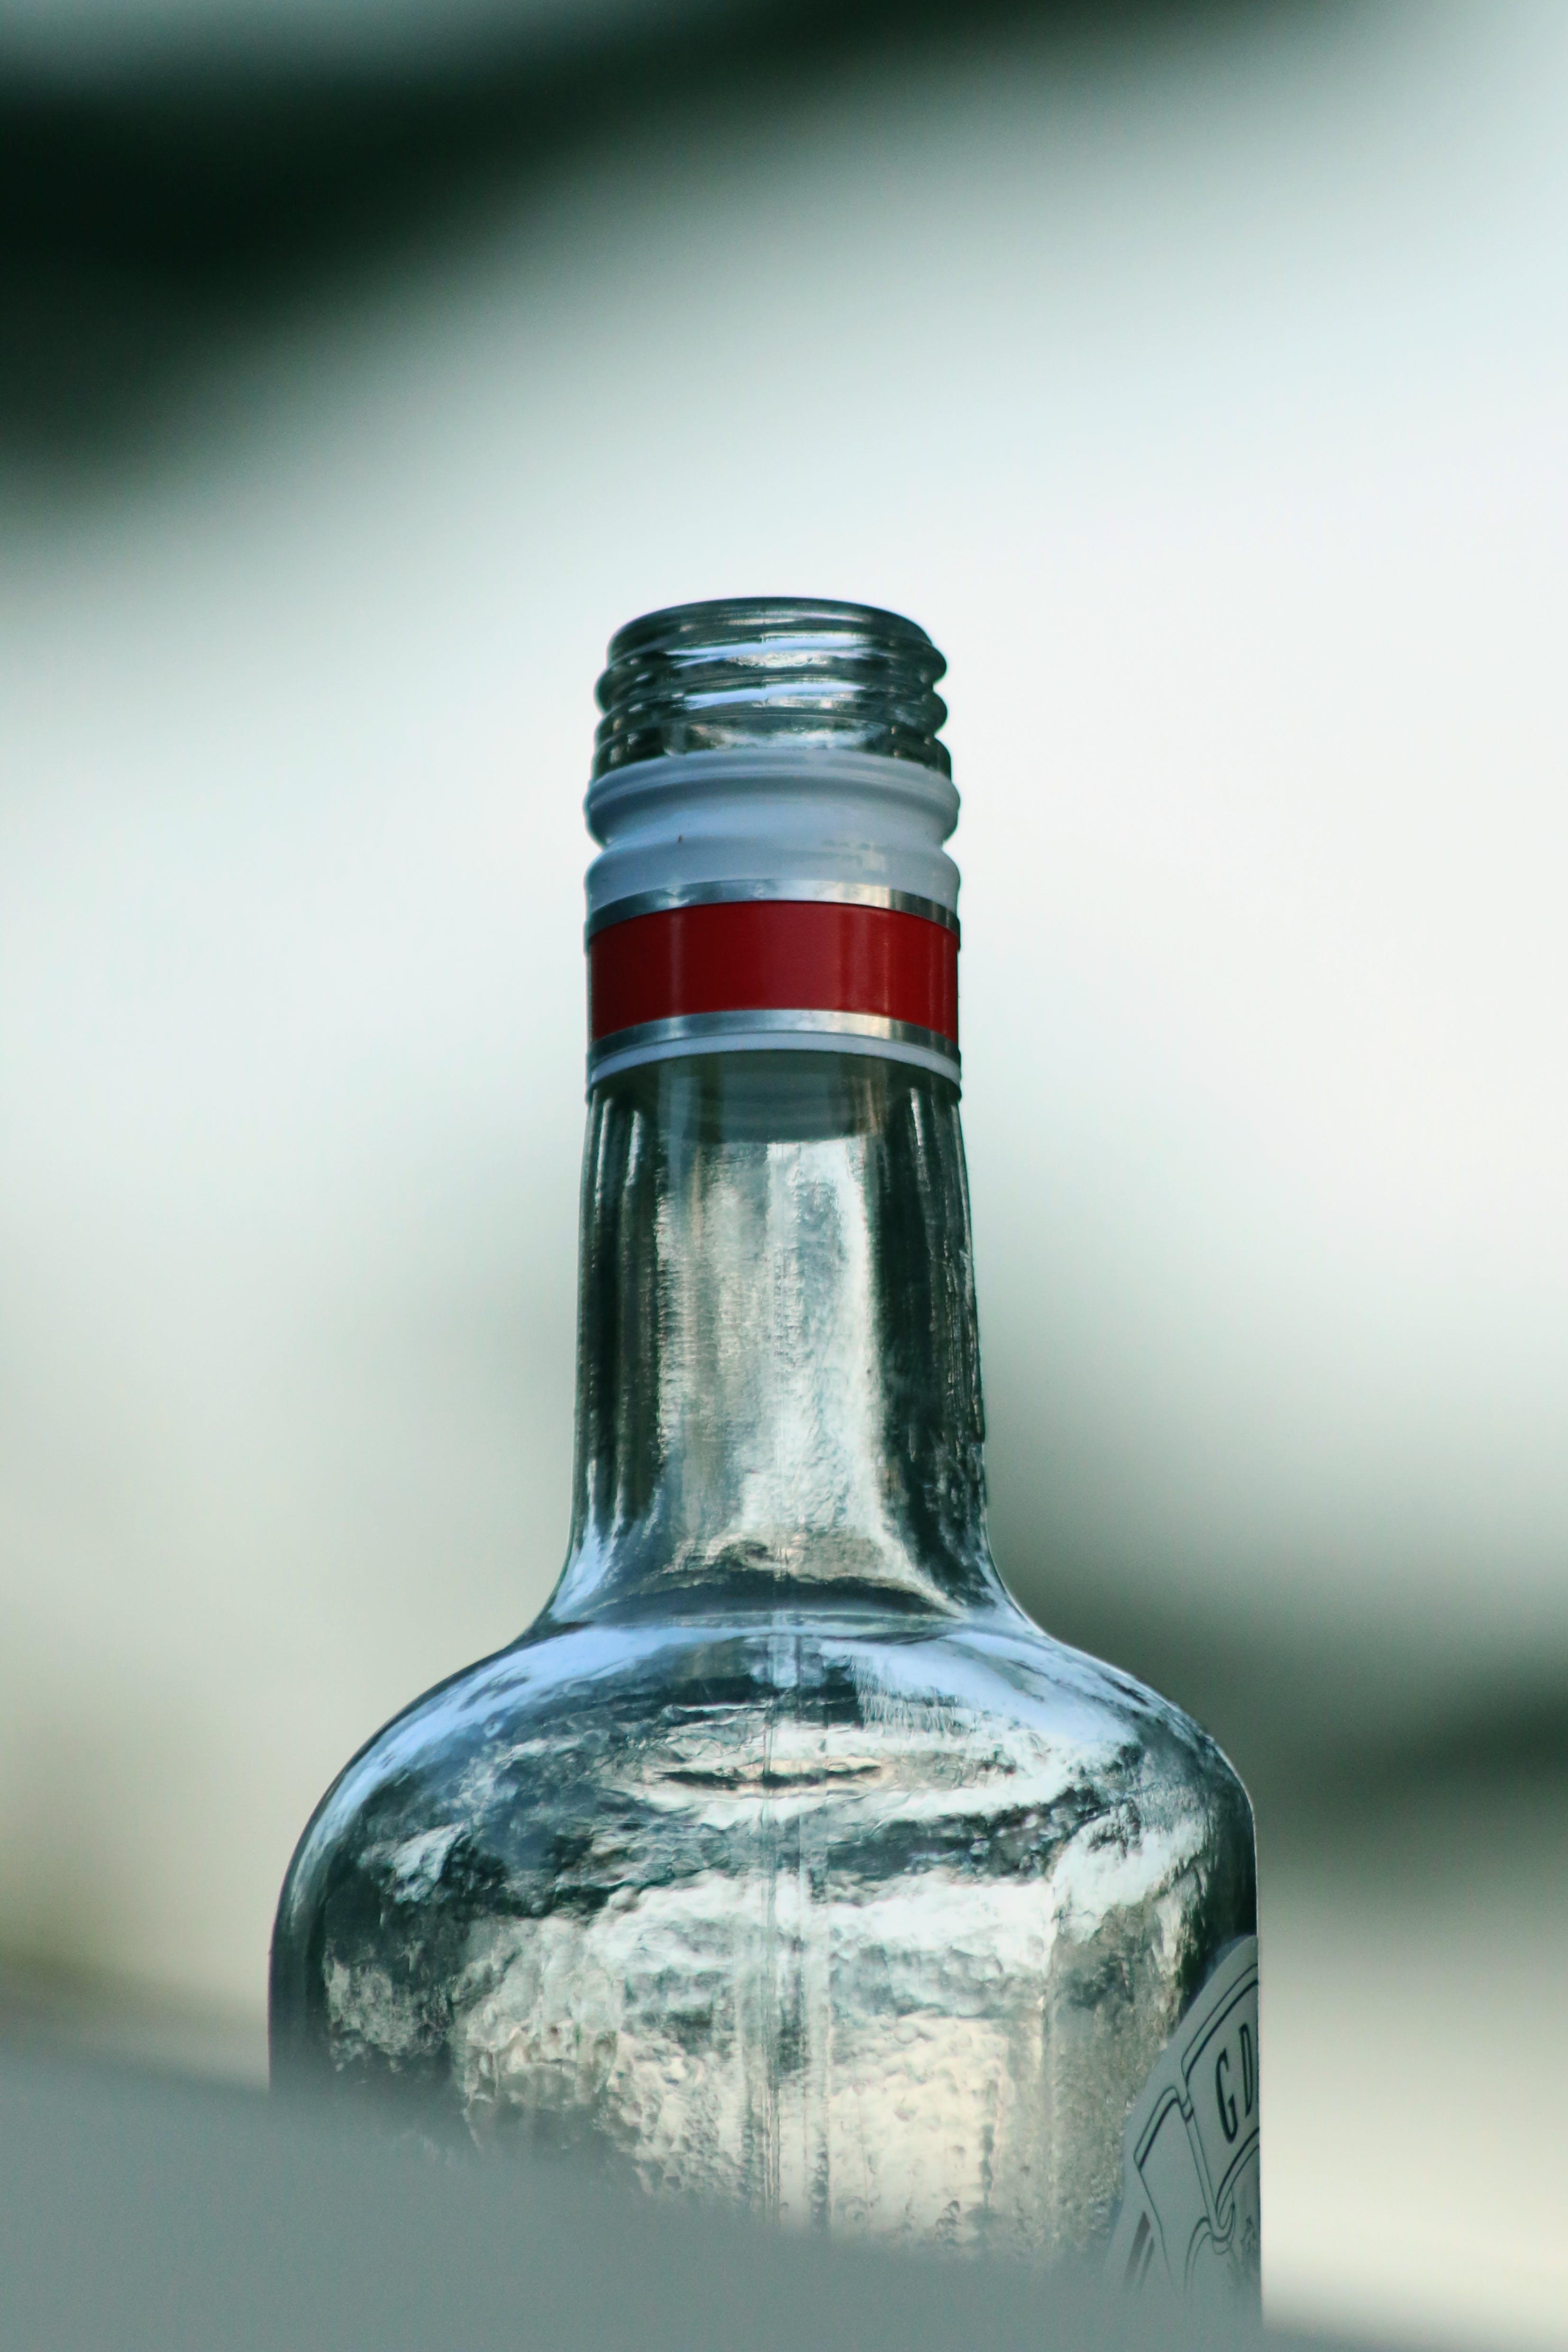 병, 술병, 온타리오 주, 캐나다의 무료 스톡 사진